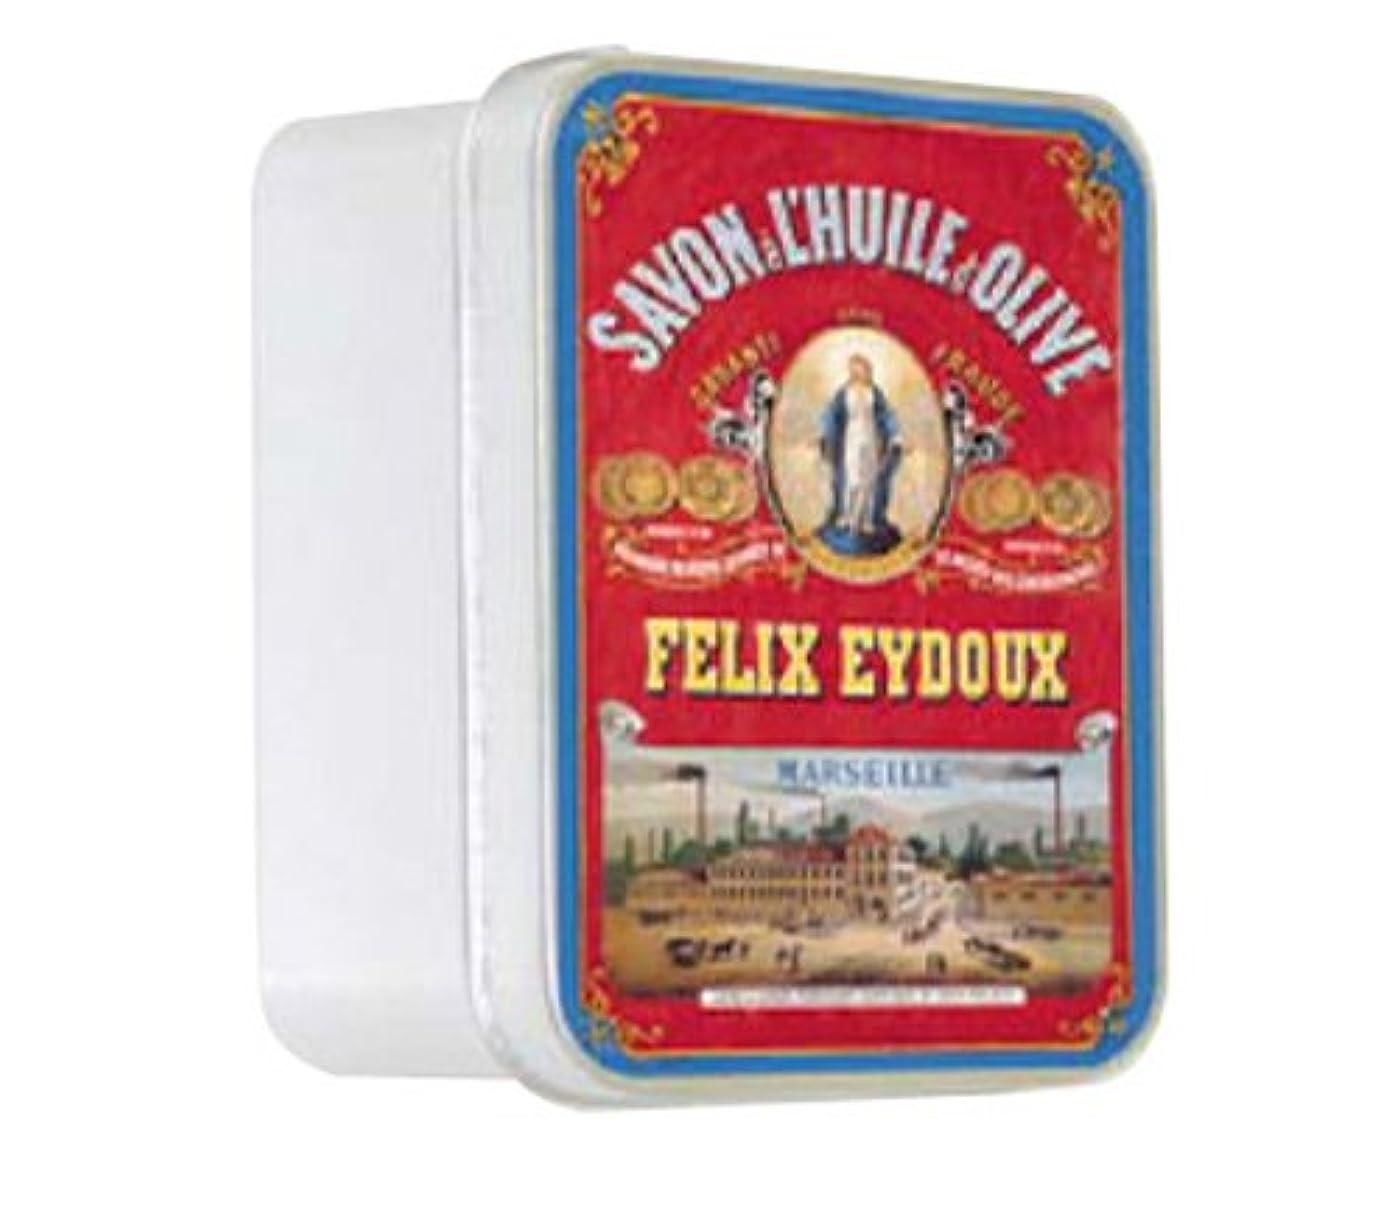 有効な落ち込んでいる部ルブランソープ メタルボックス(マルセイユソープ?オリーブの香り)石鹸